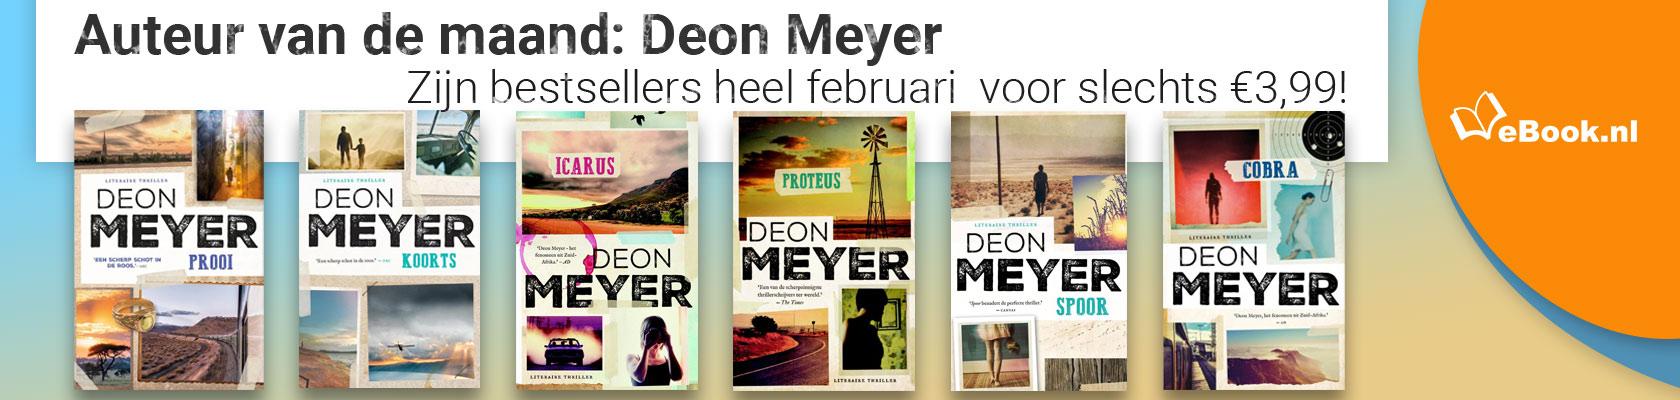 Auteur van de maand: Deon Meyer